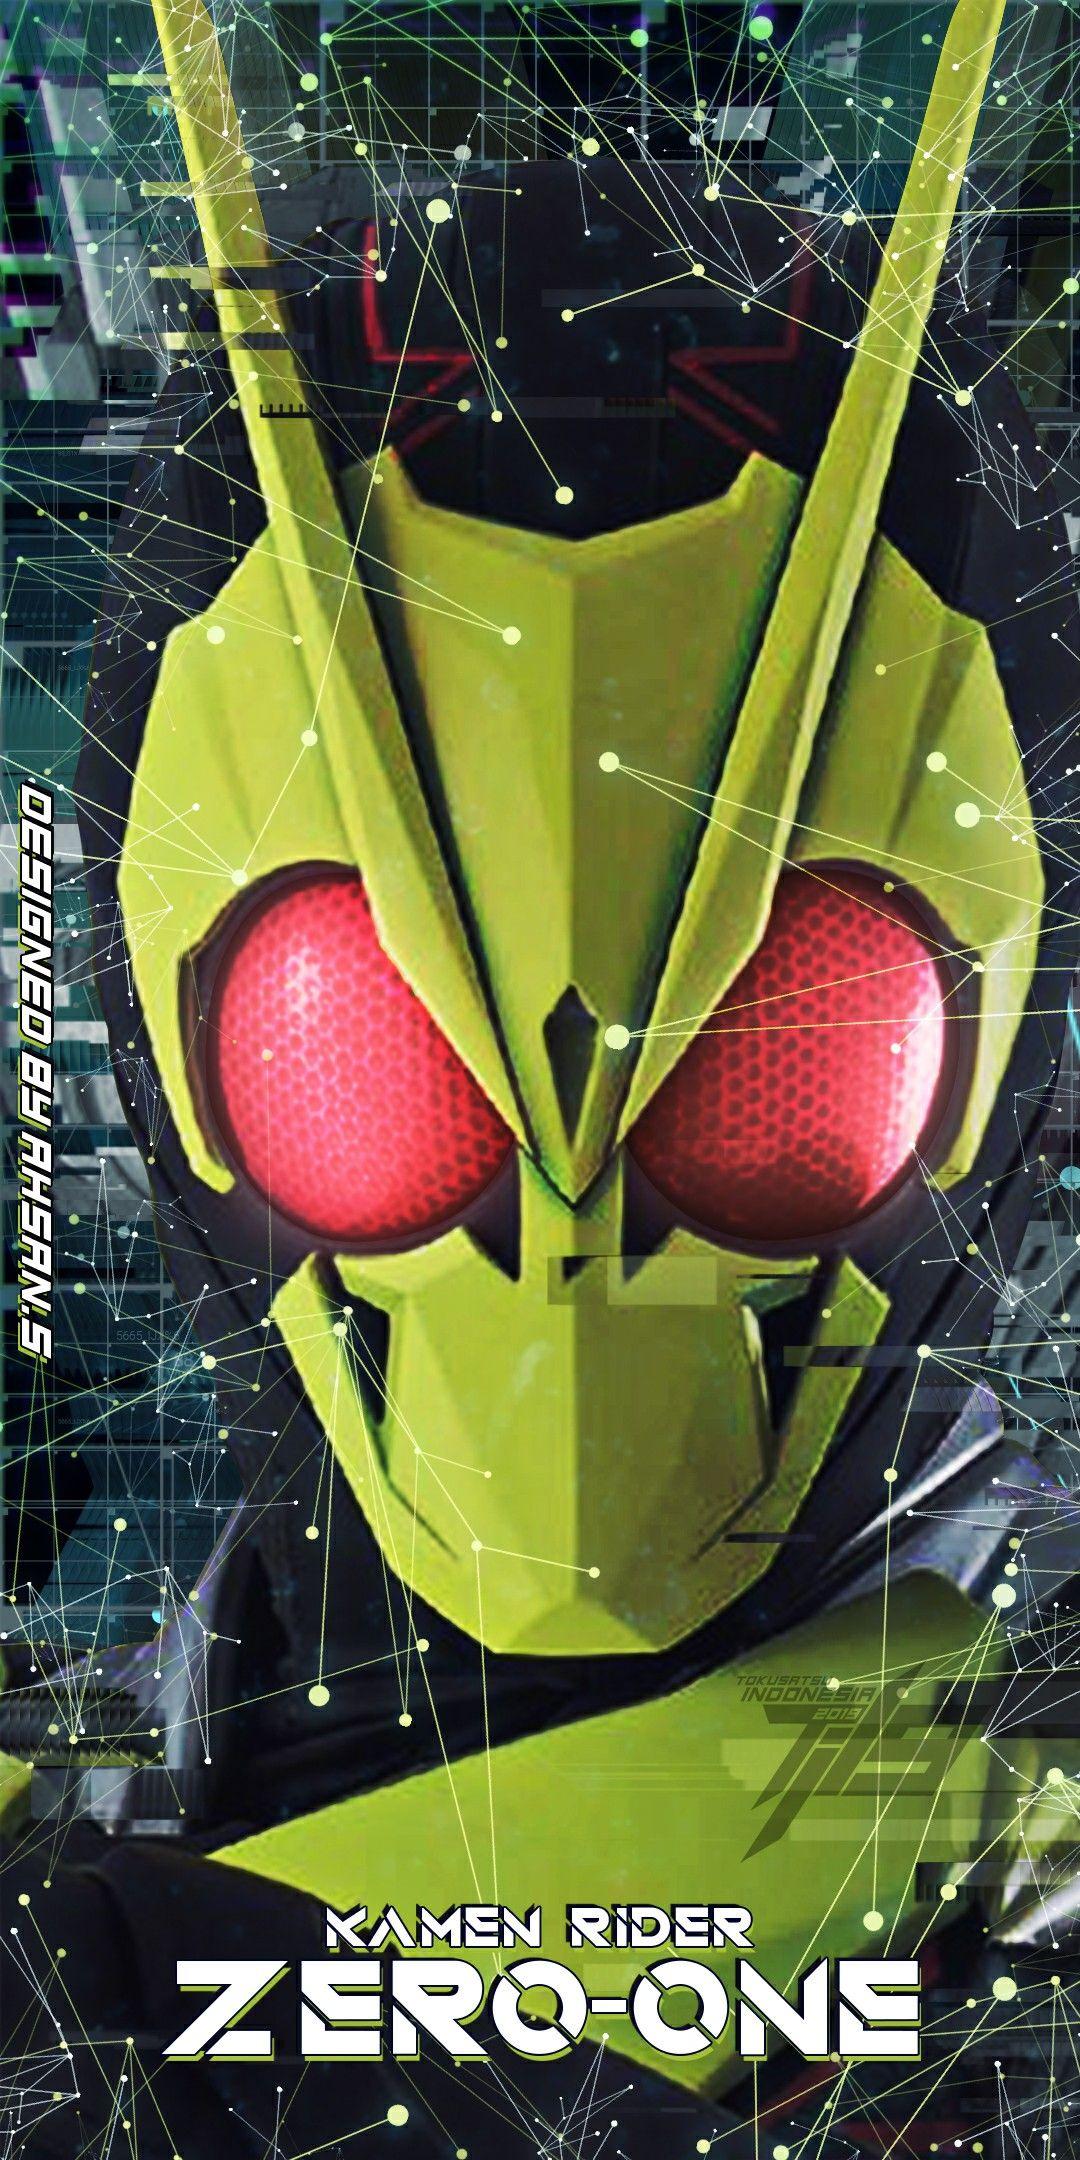 Wallpaper Kamen Rider Era Reiwa Name Kamen Rider Zero One Tv